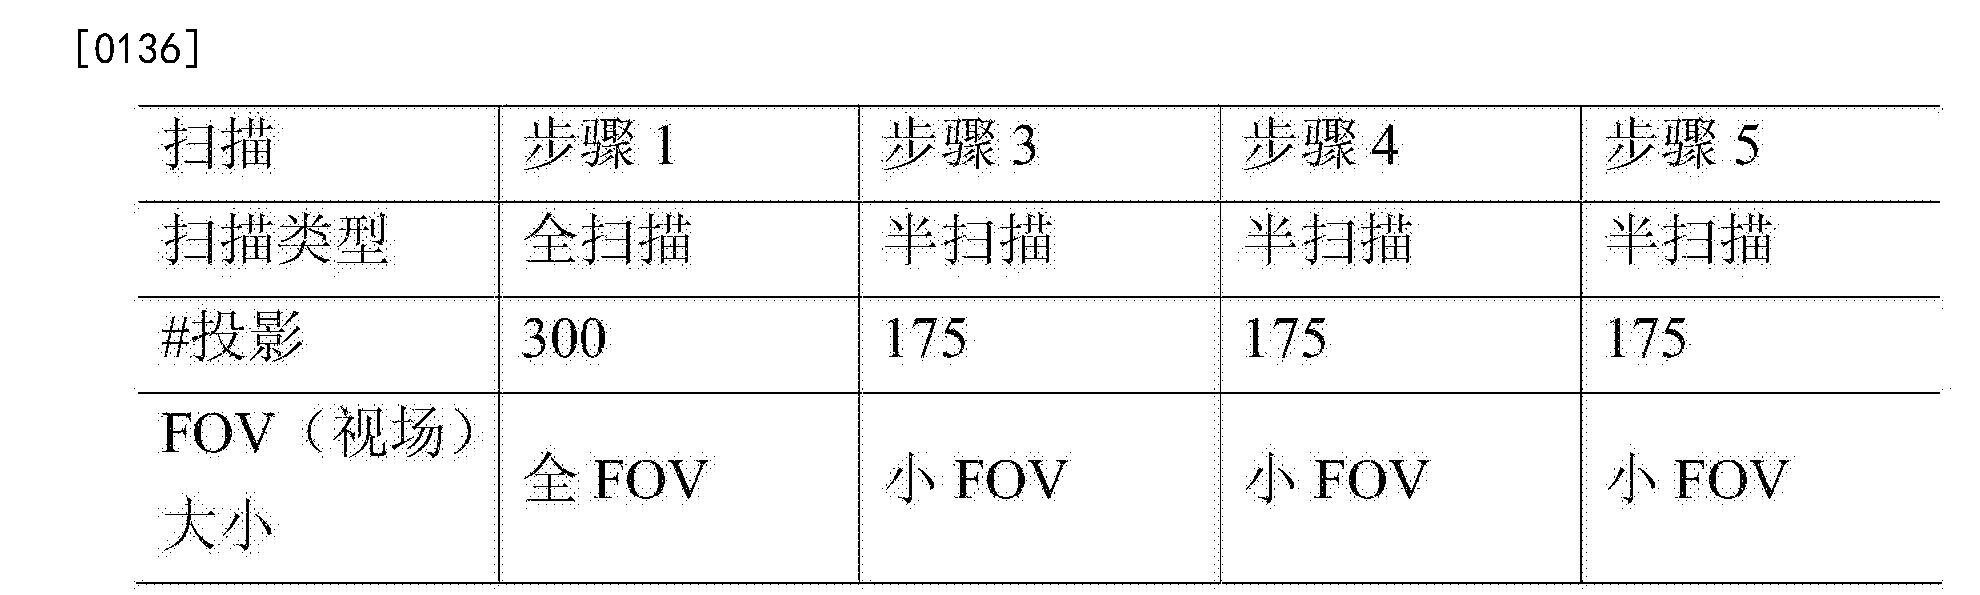 Figure CN104257394BD00201